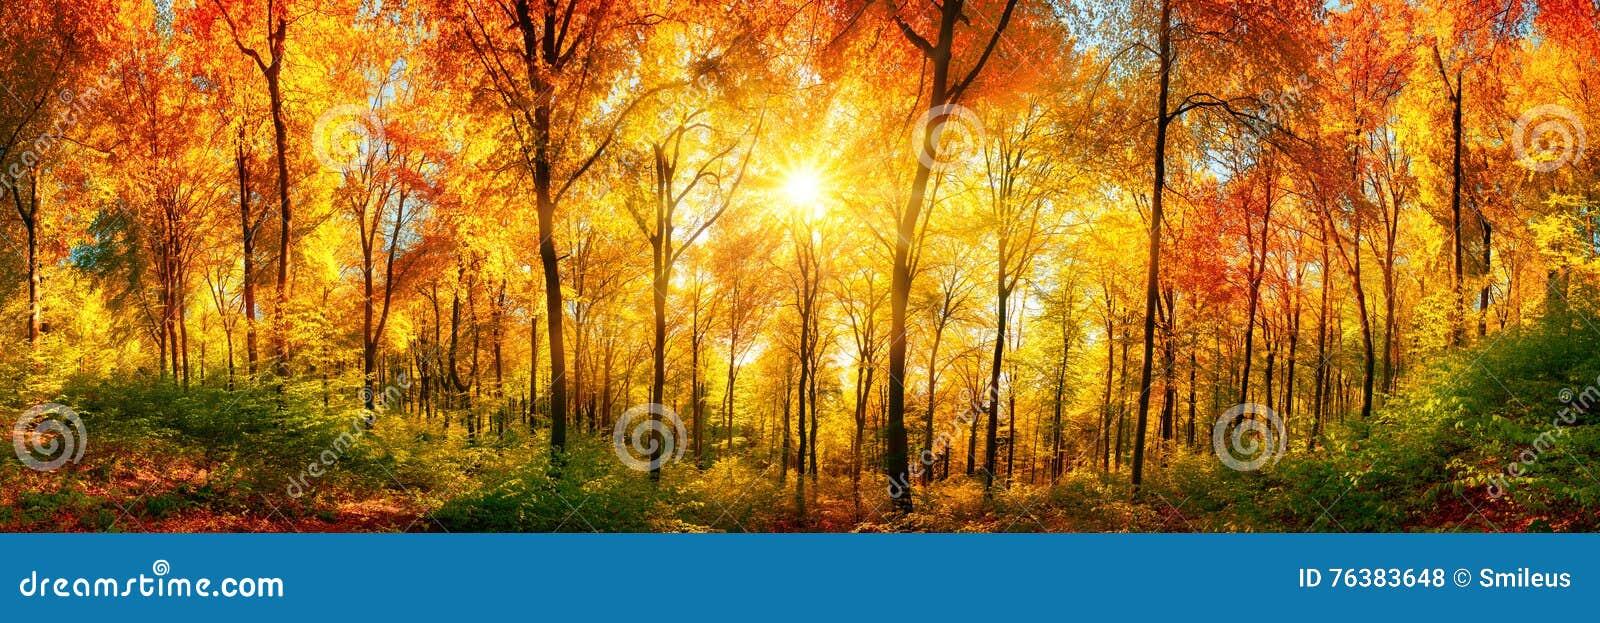 Panorama del bosque en otoño